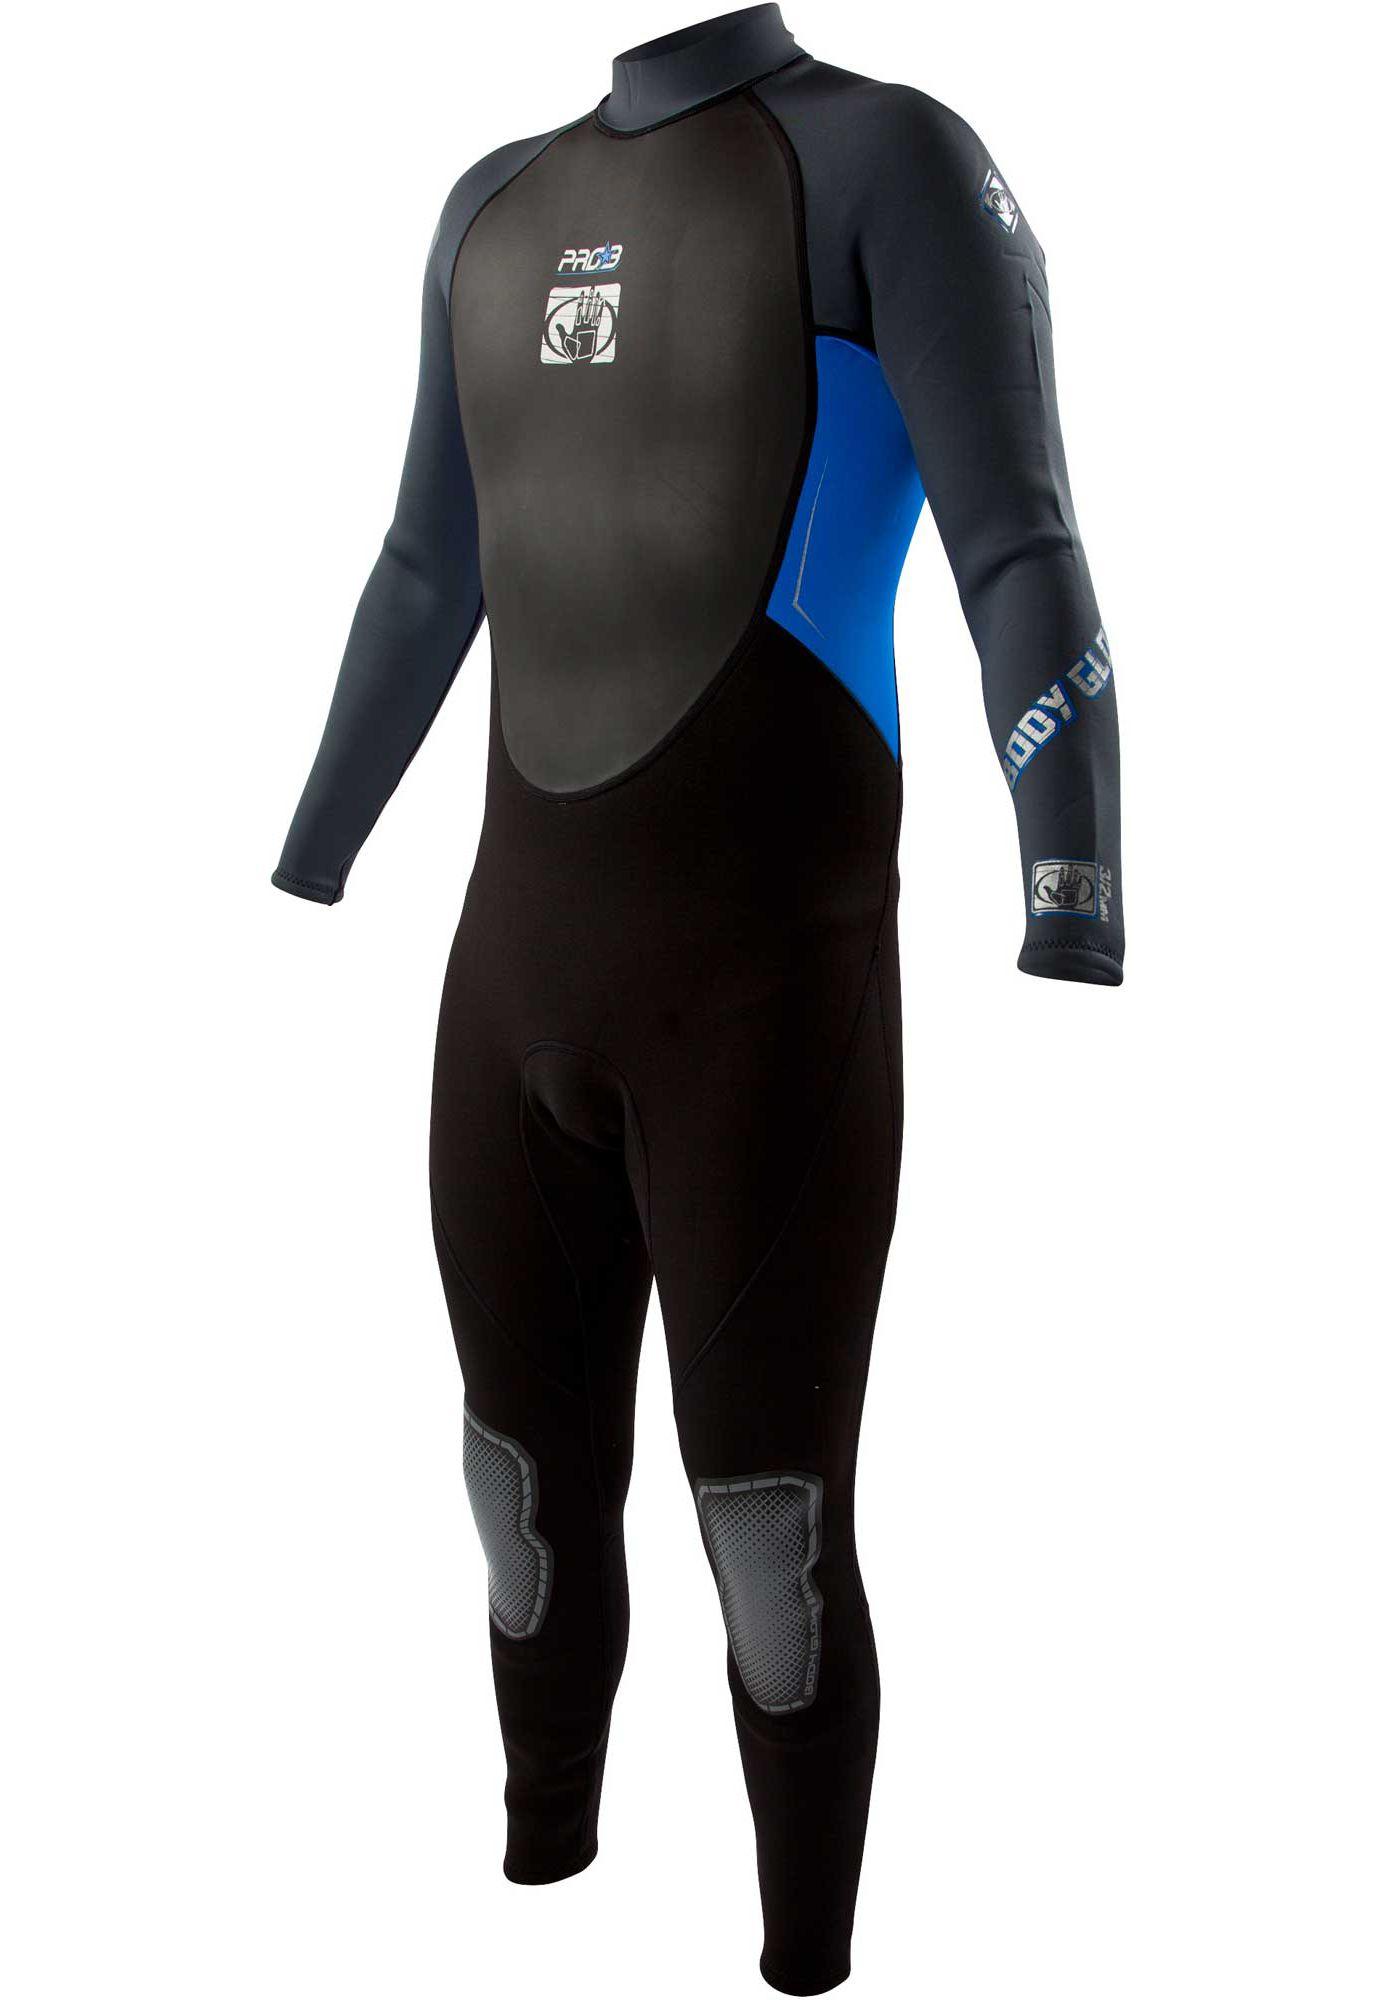 Body Glove Men's Pro 3 Back Zip Wetsuit